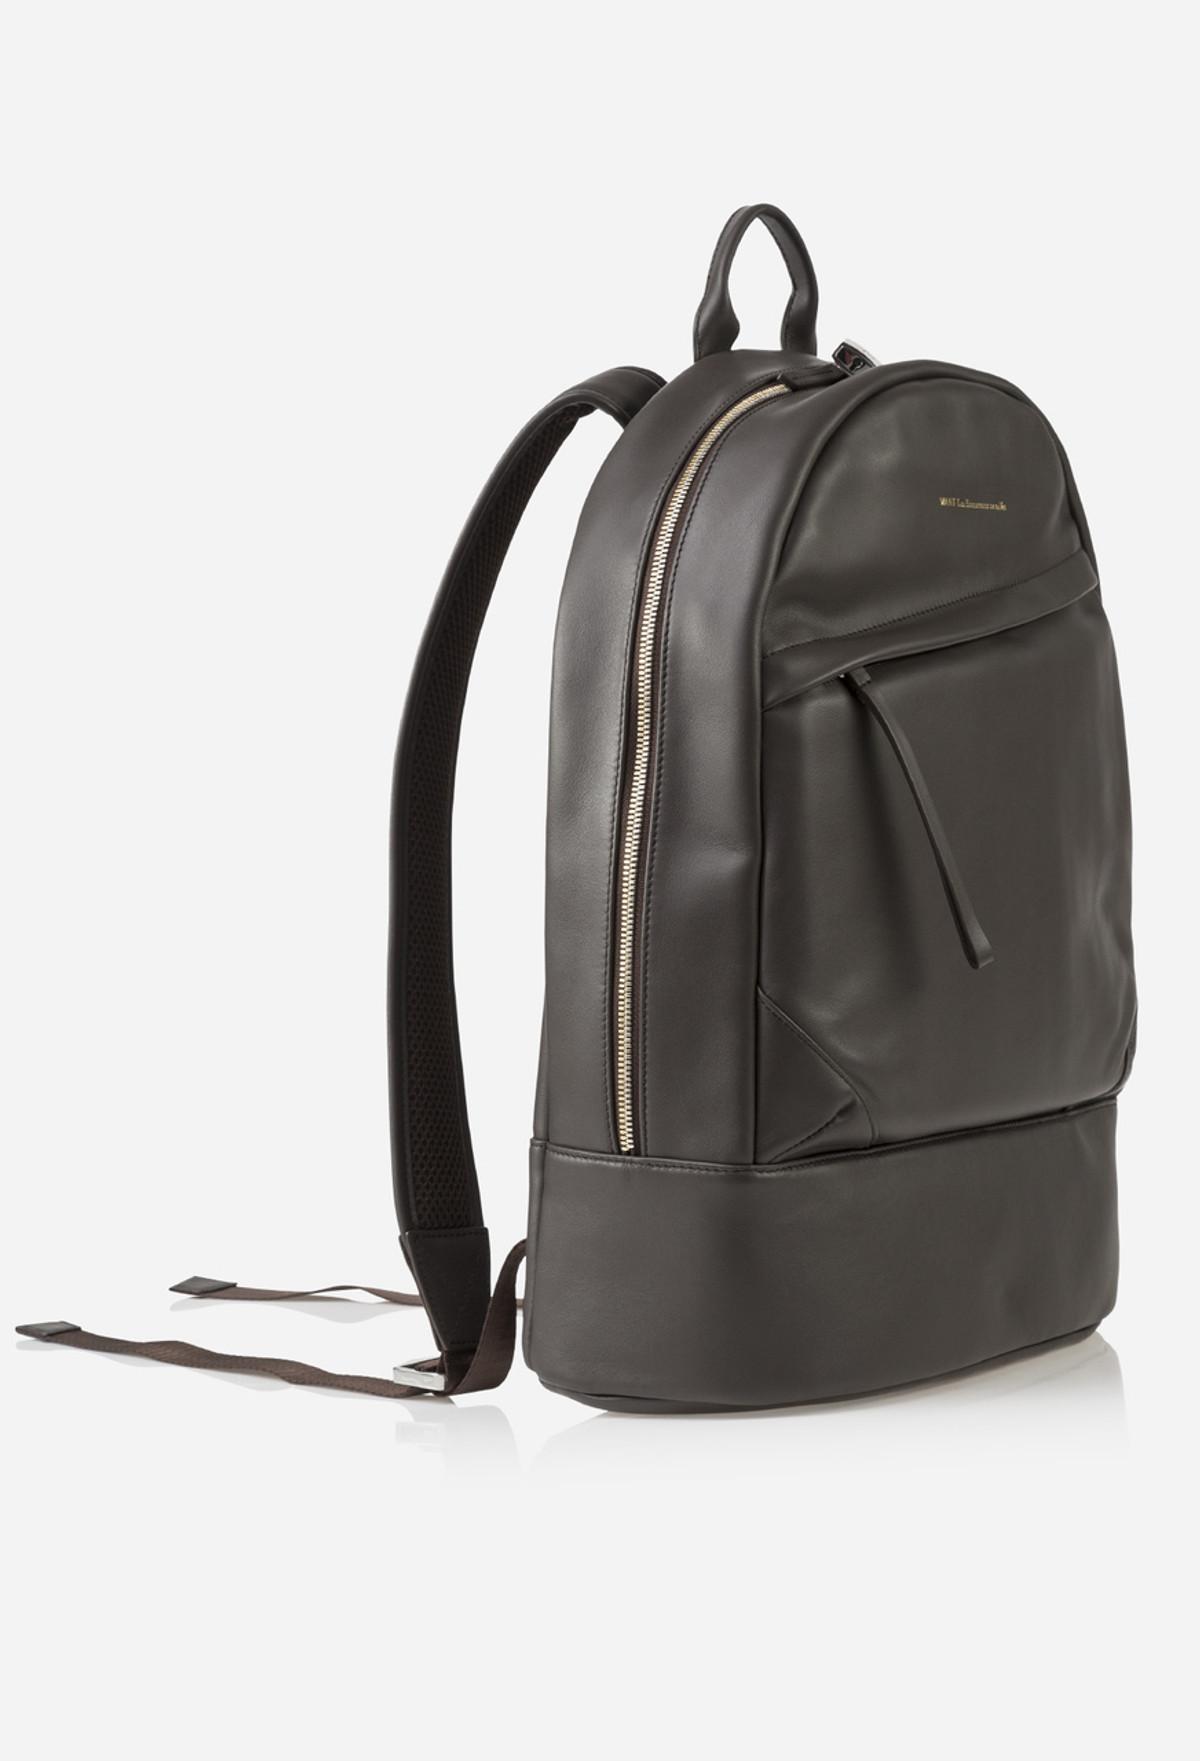 Moleskin Kastrup Backpack